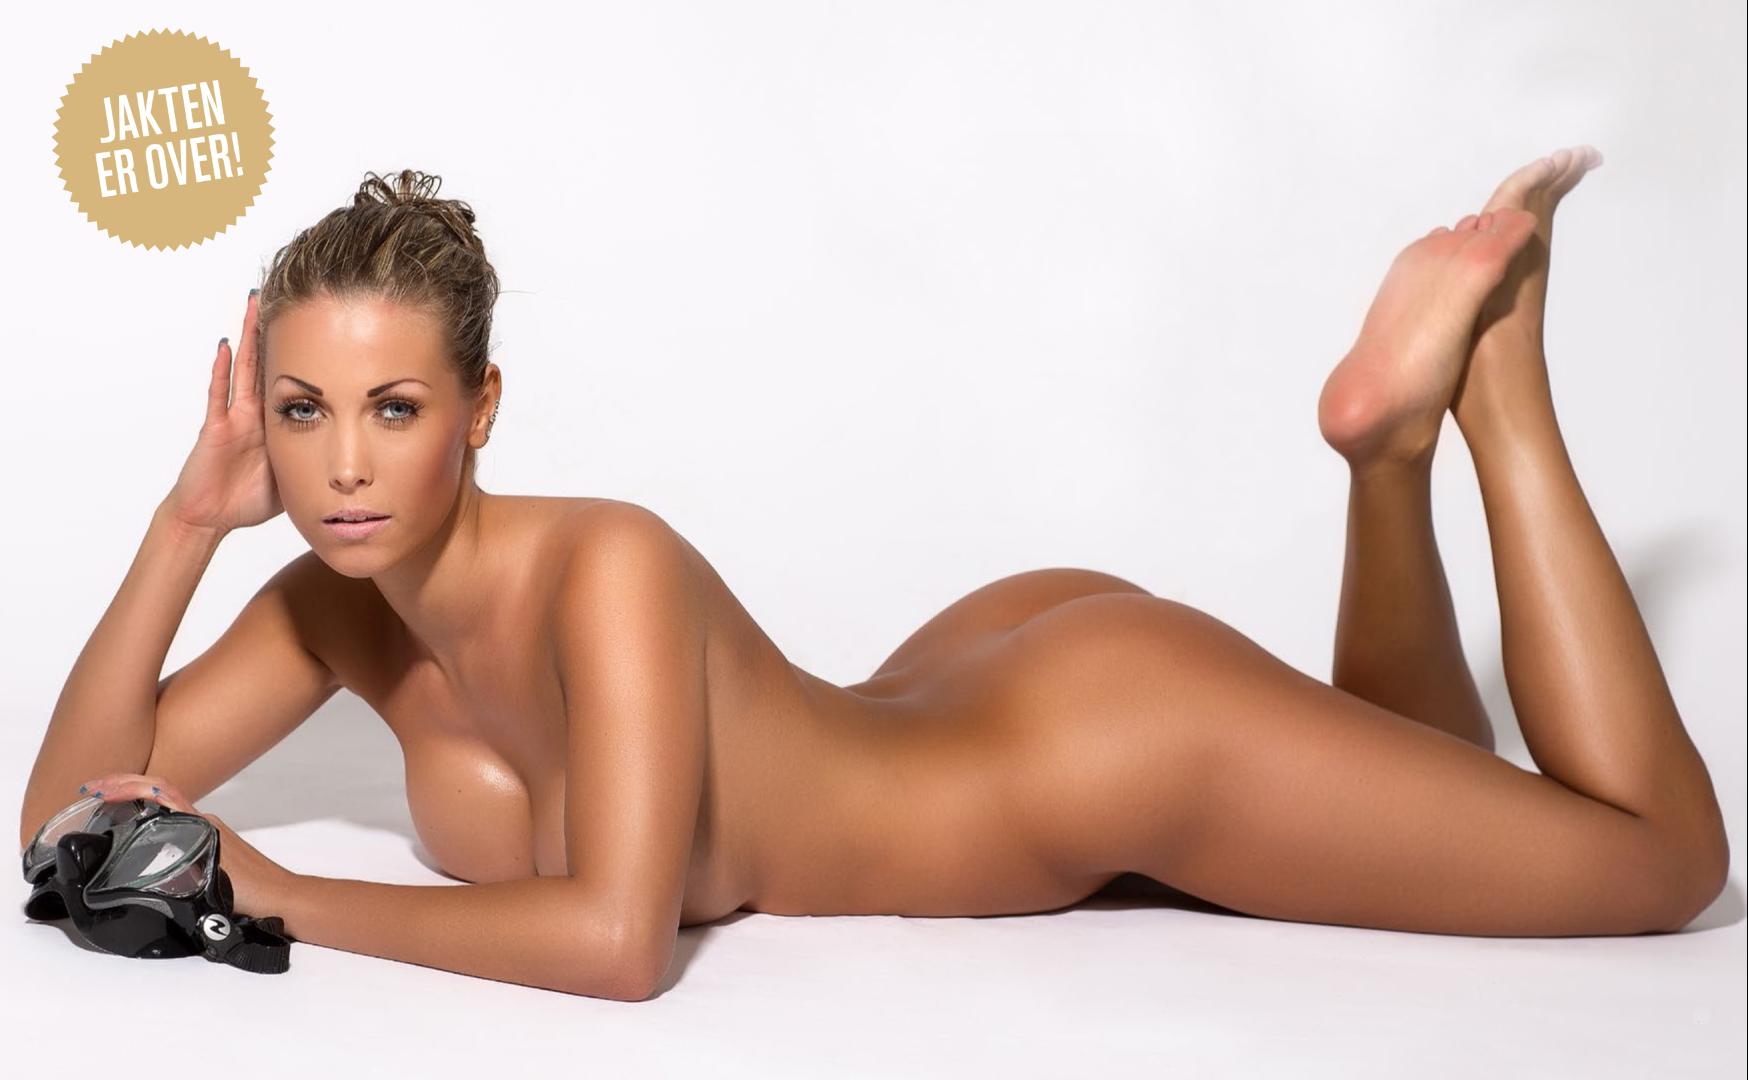 vi menn piken 2013 nakenbilder av norske kjendiser